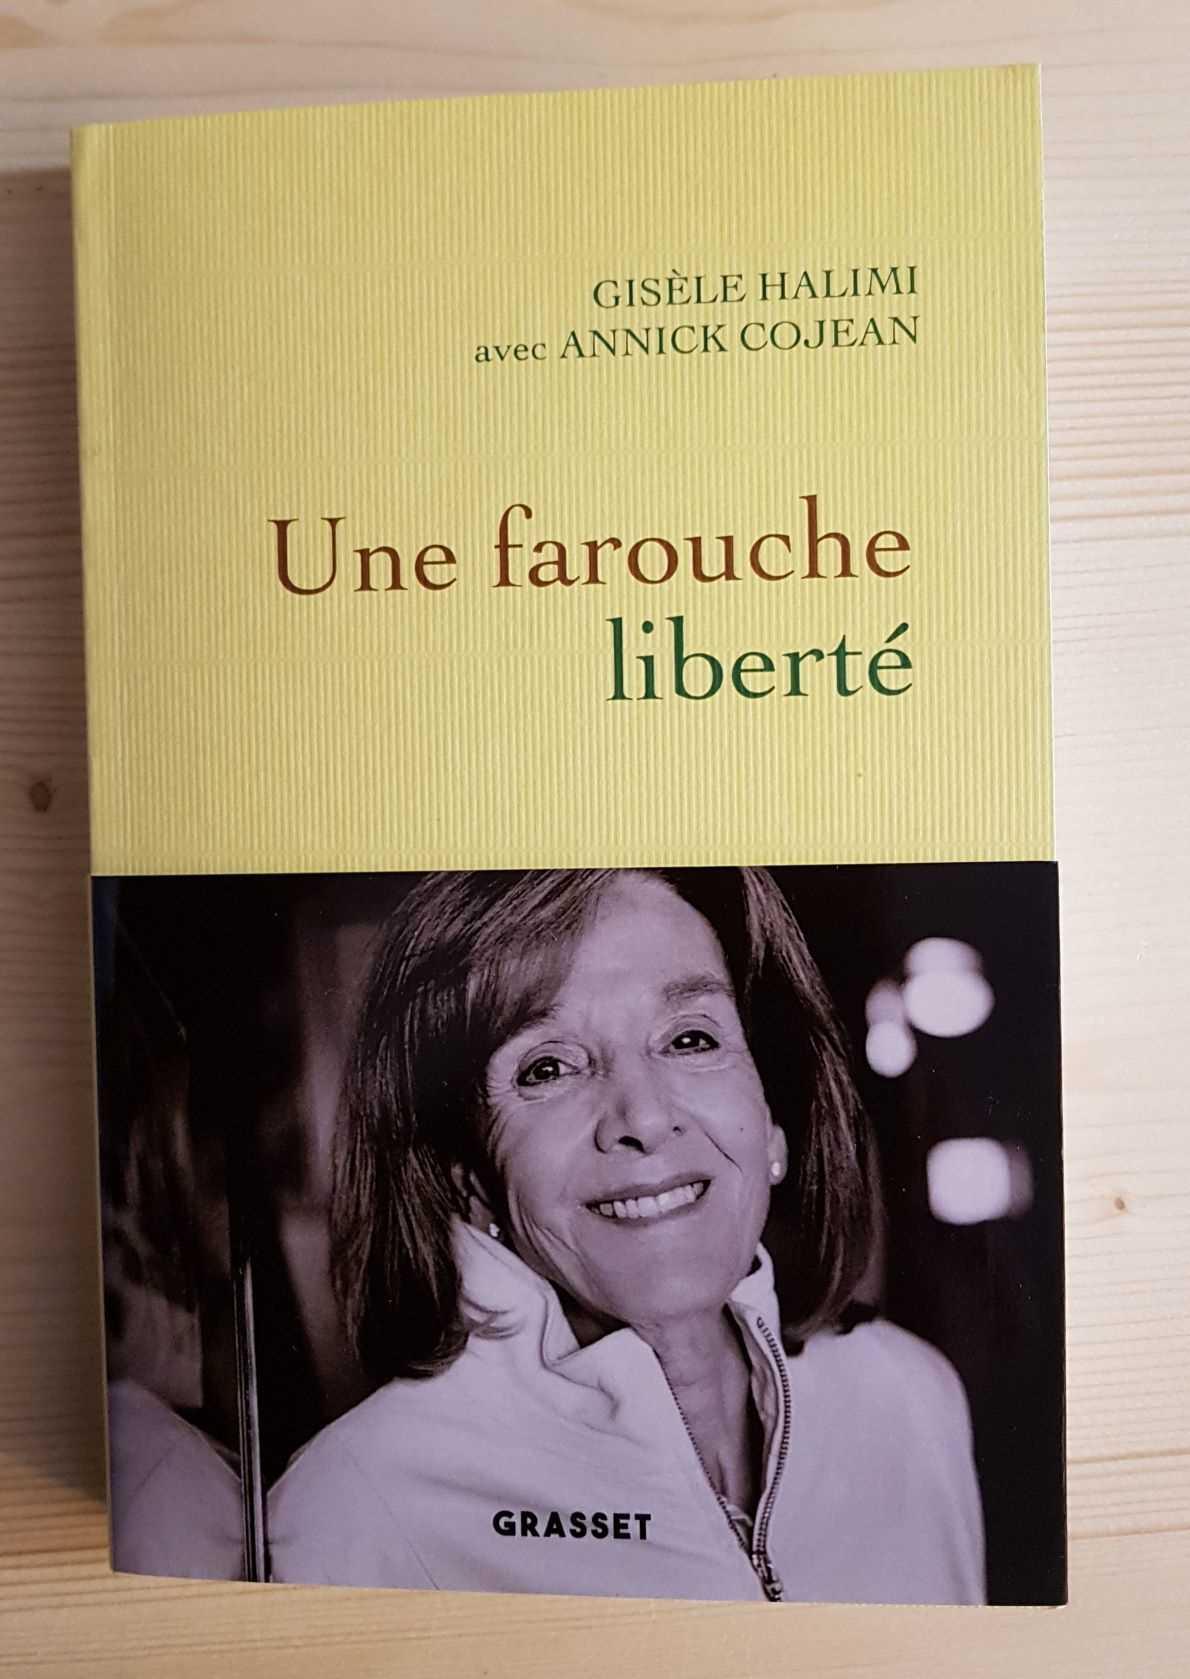 Une farouche liberté Gisèle Halimi librairie La Librai'bulles